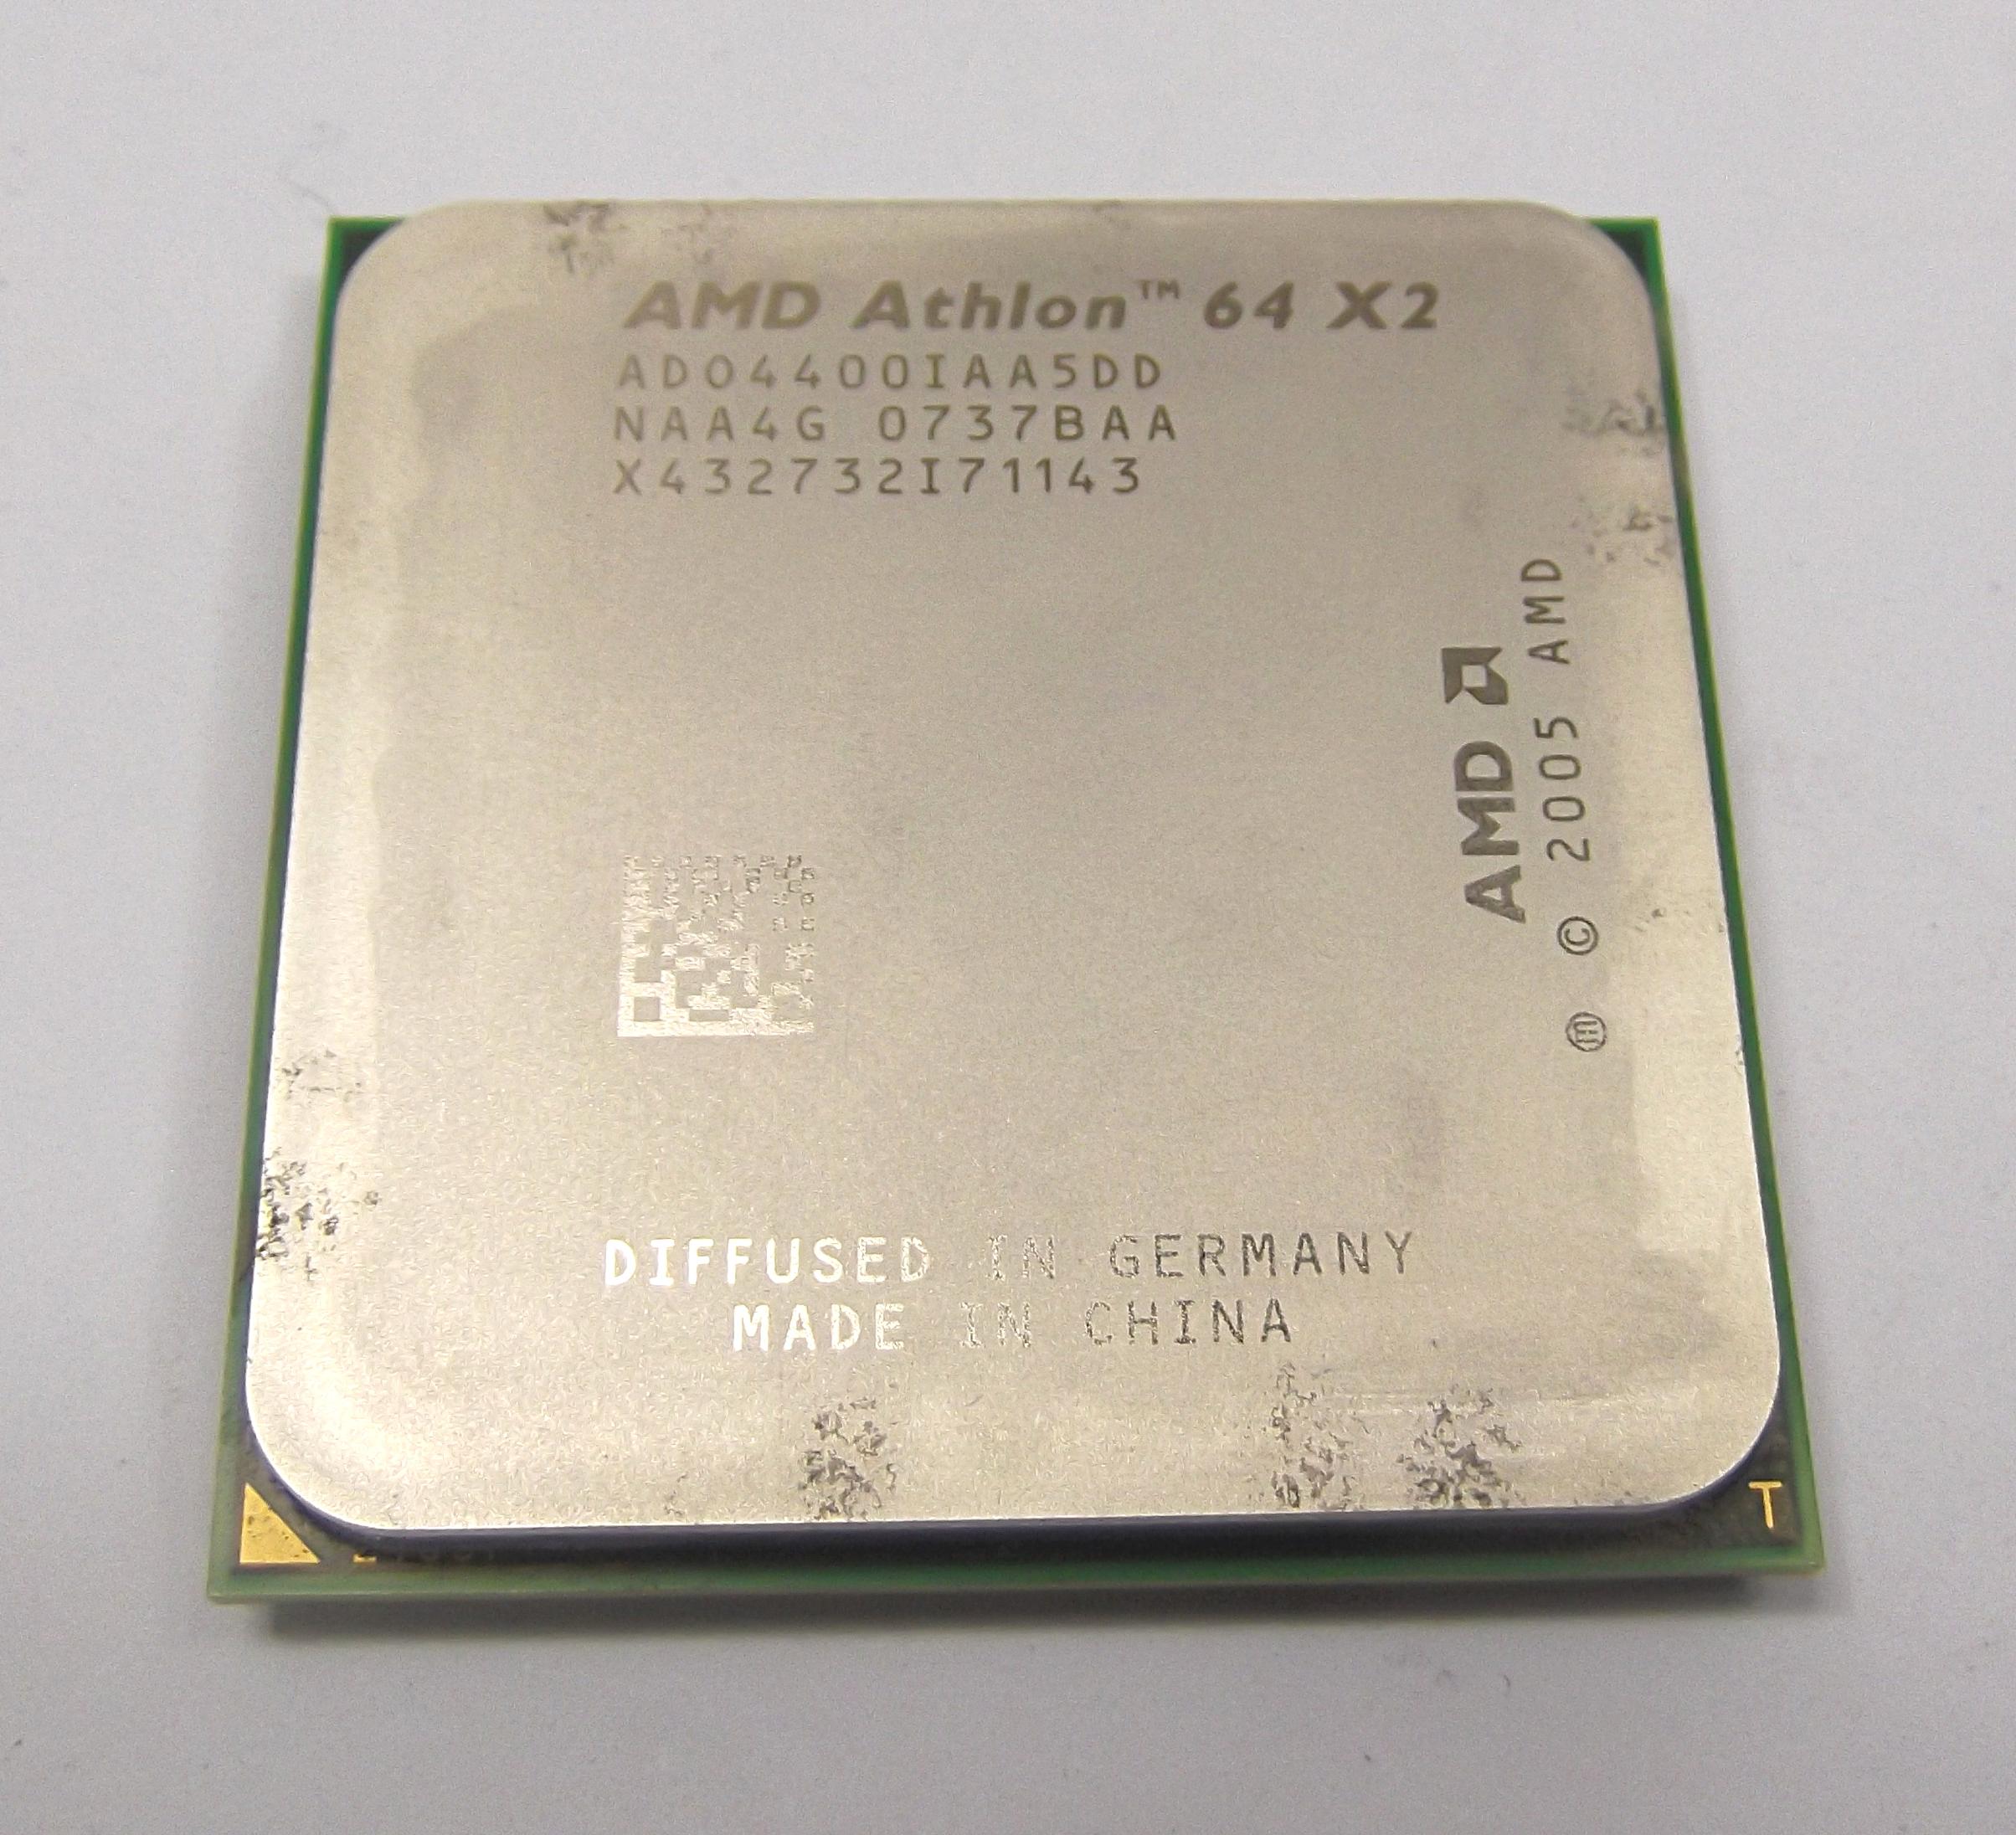 AMD ADO4400IAA5DD Athlon 64 X2 2.3GHz AM2 Brisbane Processor